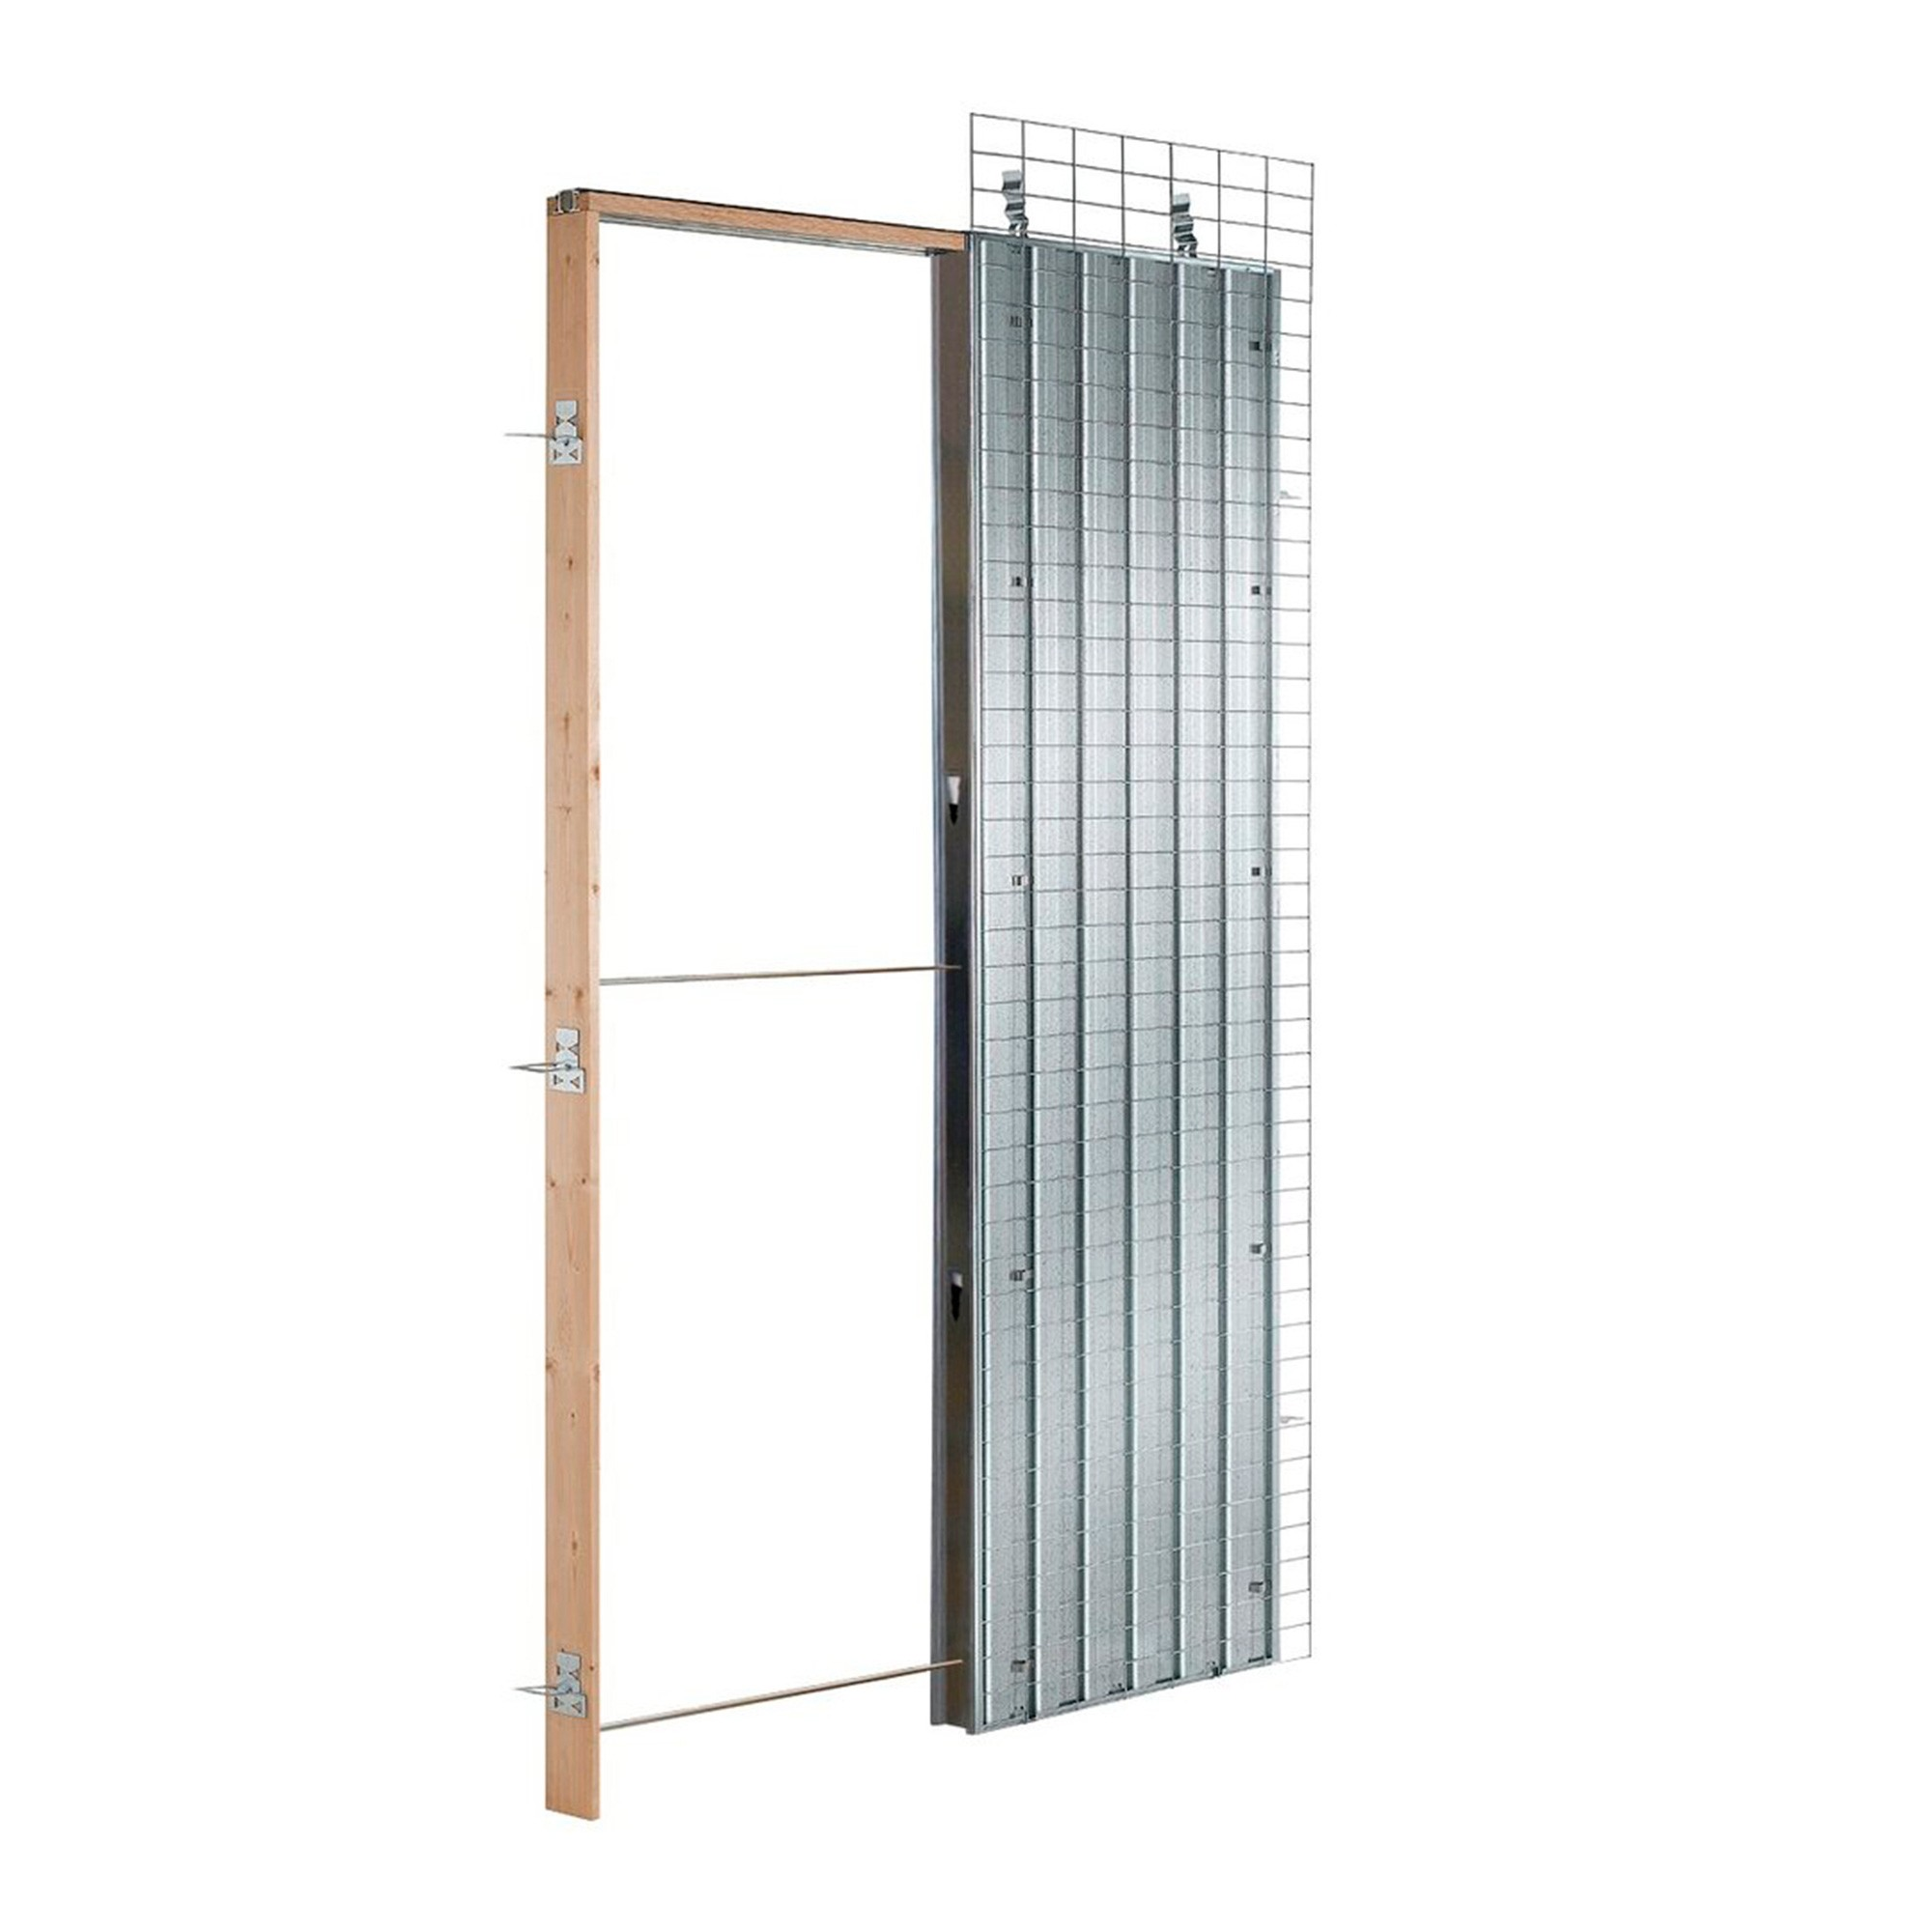 Premarco puerta corredera 50784 puertas ideas - Puerta corredera orchidea ...